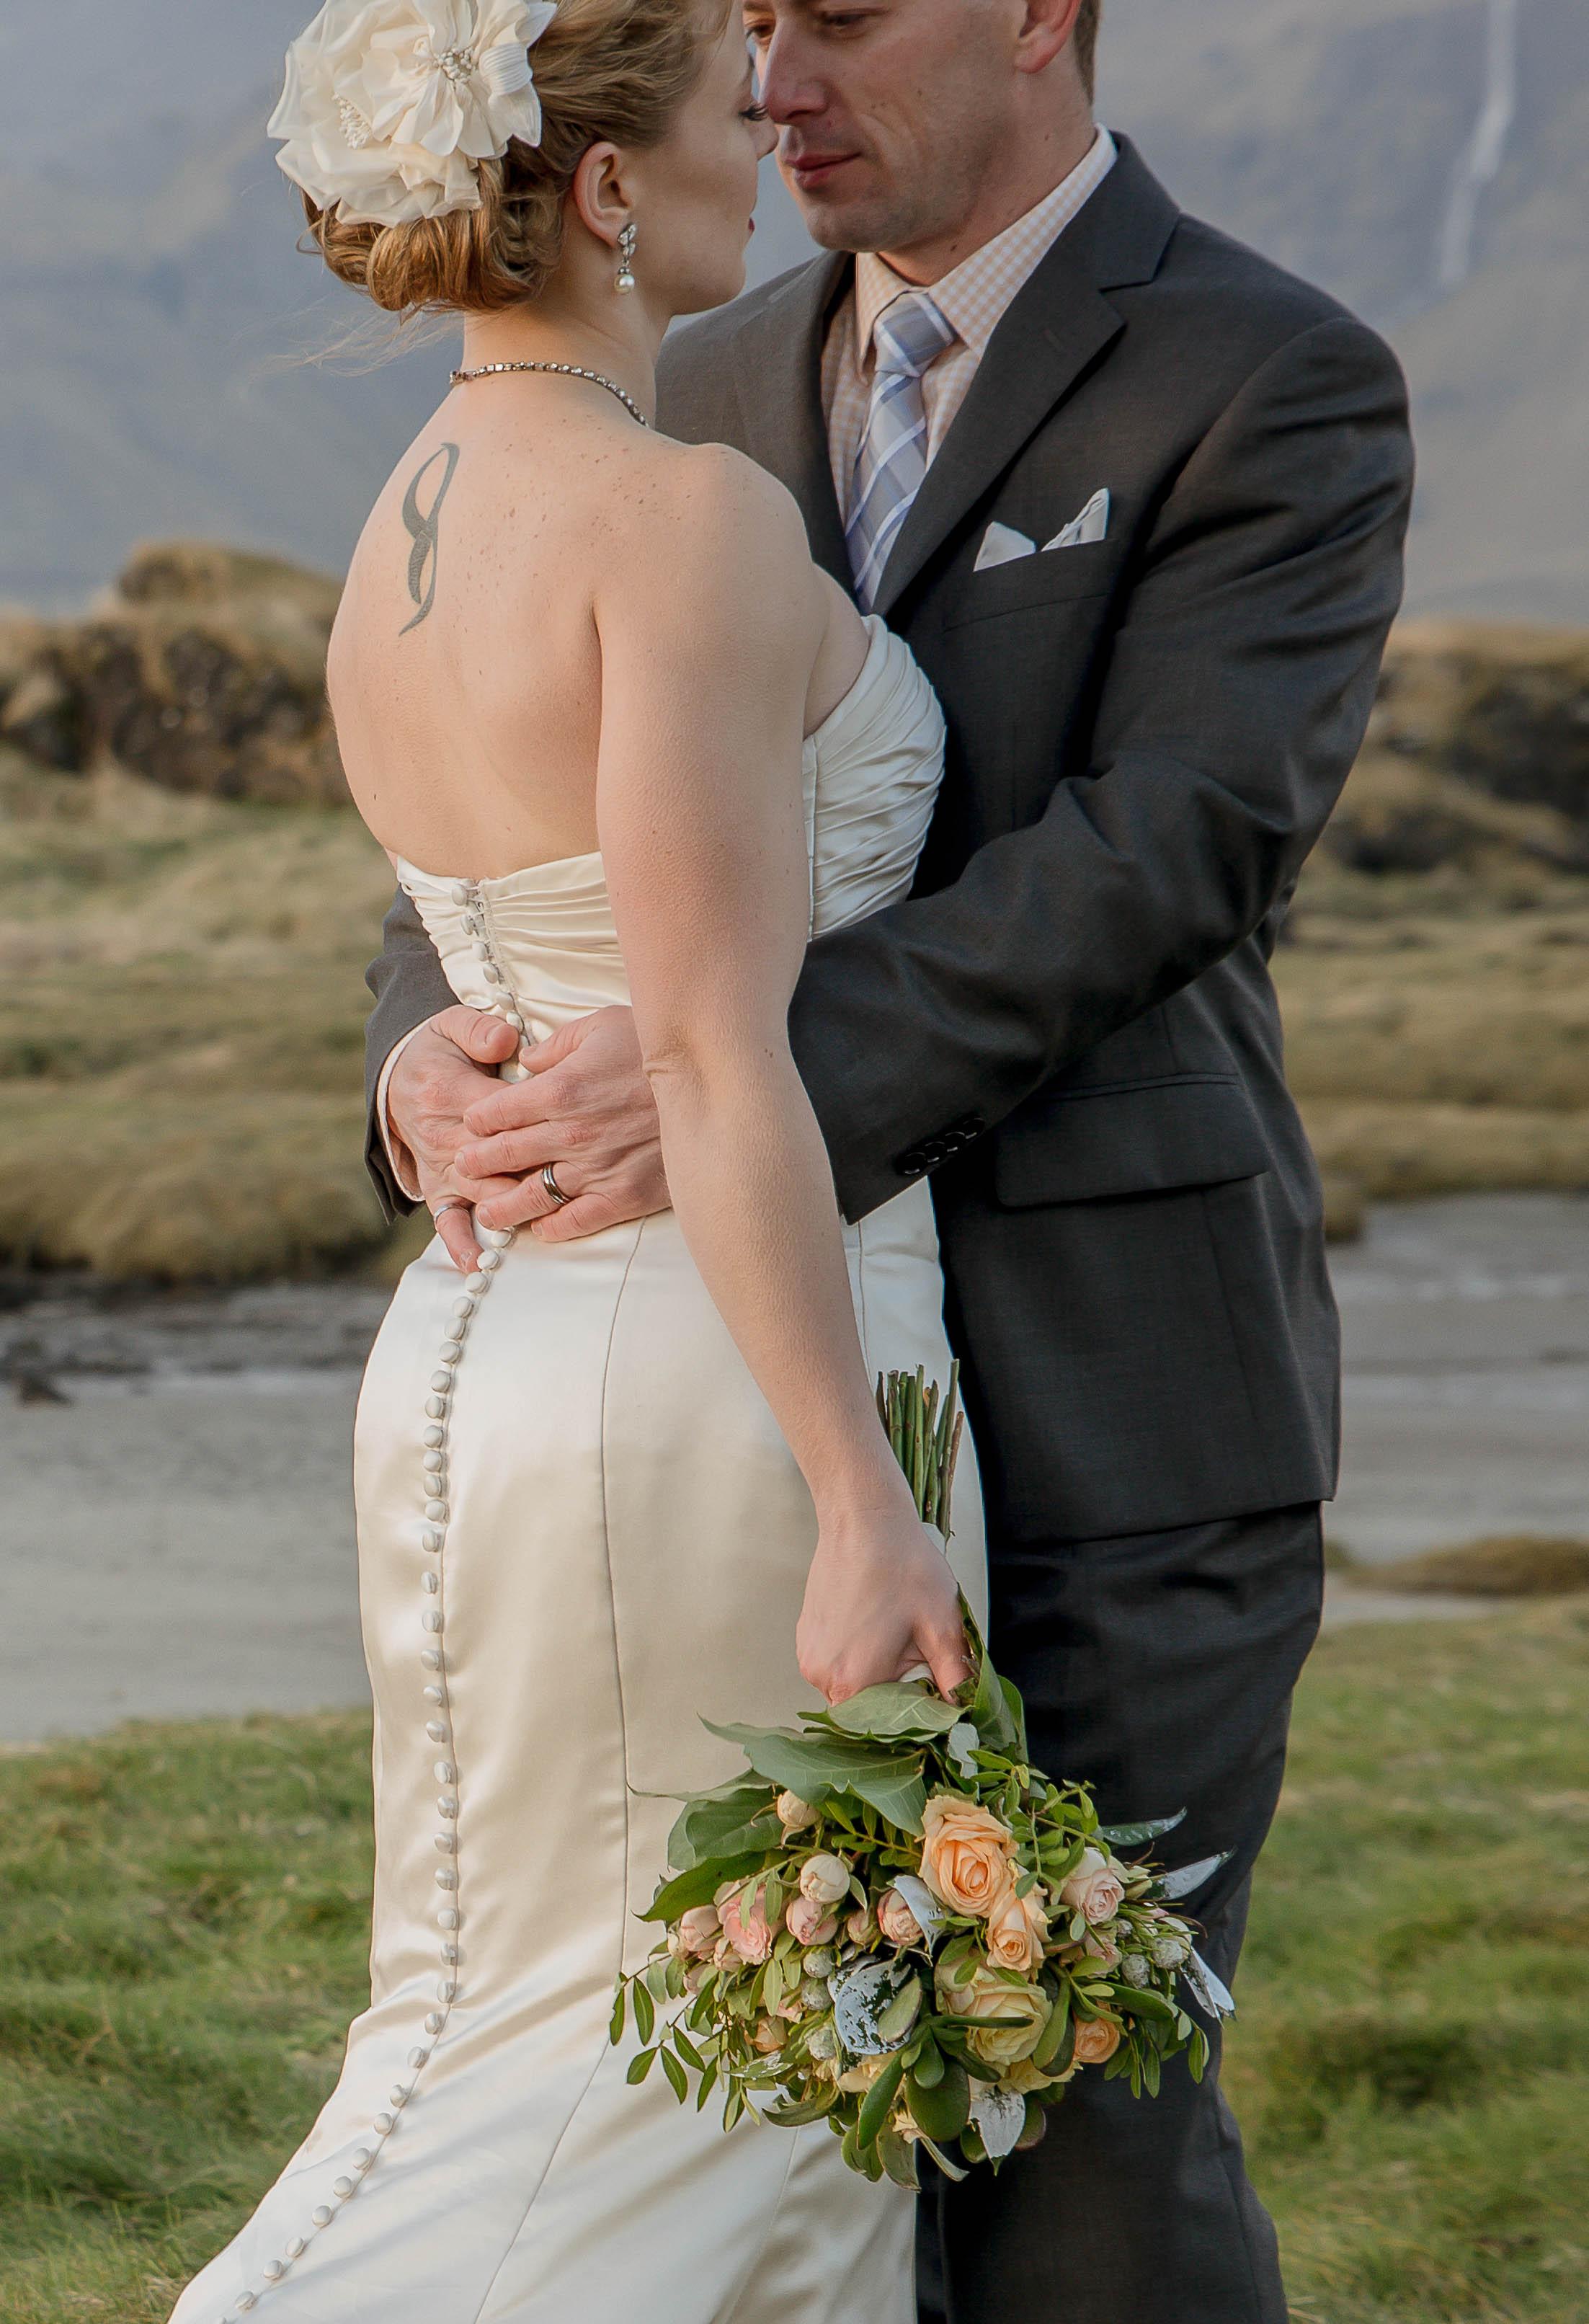 Iceland-Wedding-Photographer-Photos-by-Miss-Ann-41.jpg